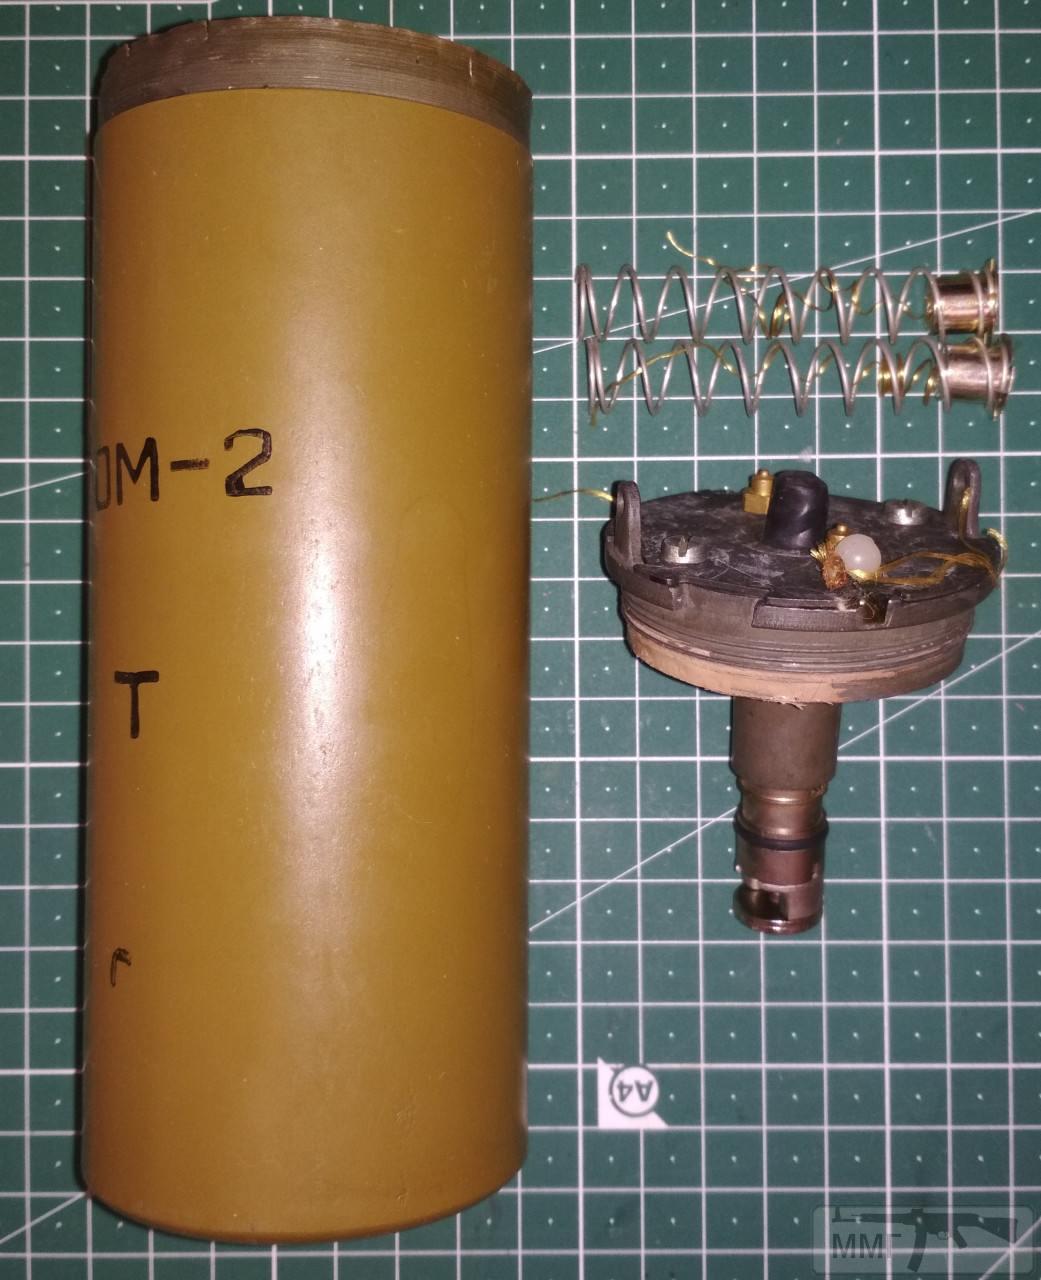 108079 - стакан і підривач міни ПОМ-2